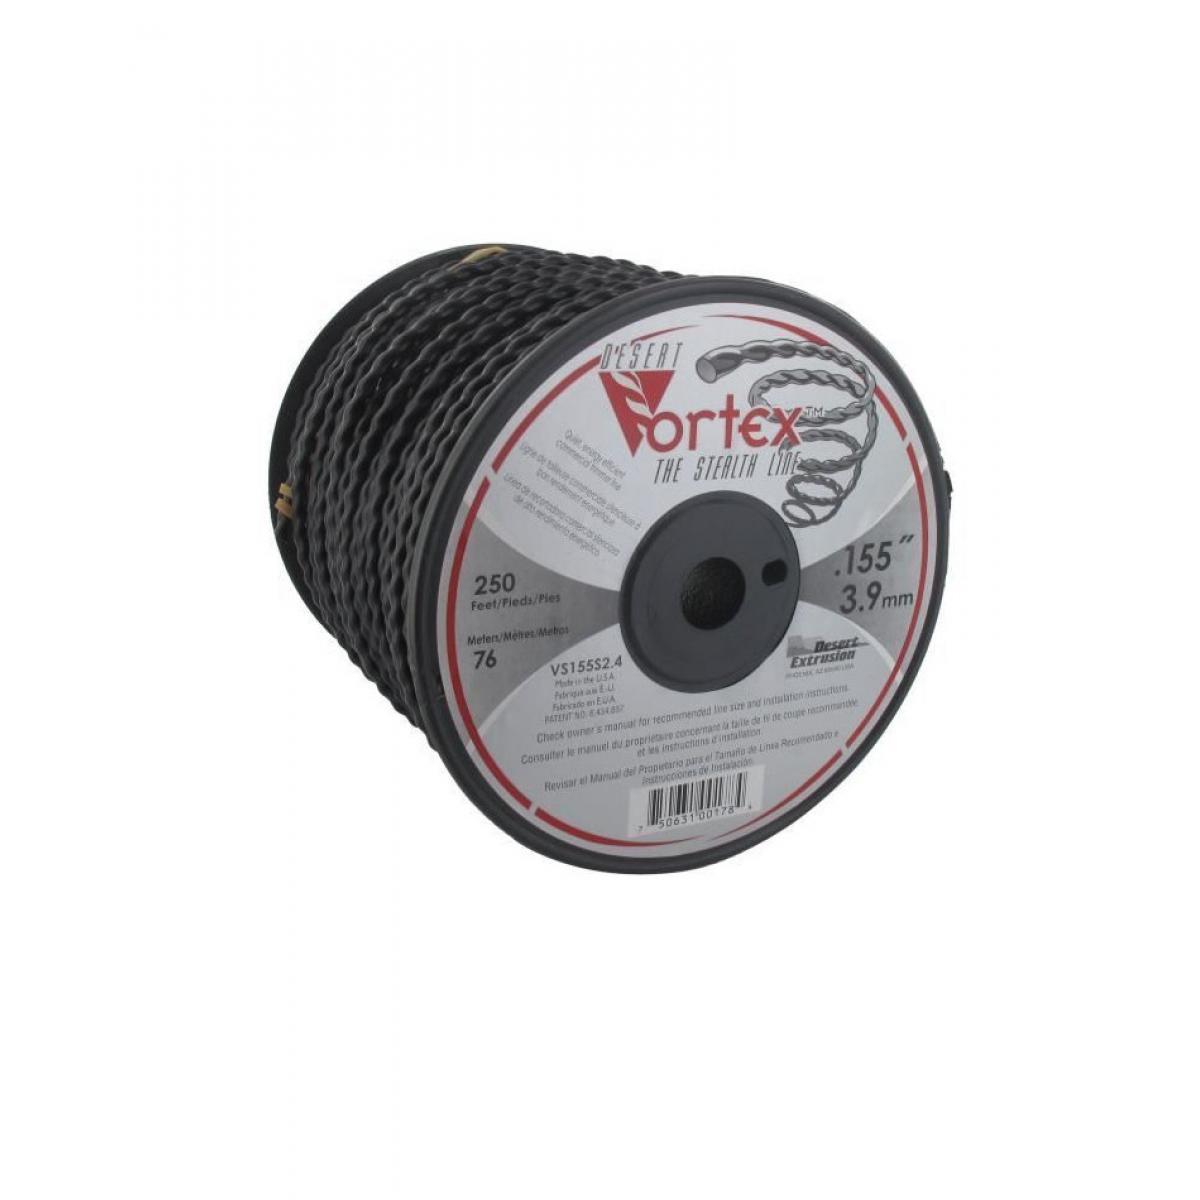 Cstore JARDIN PRATIQUE Bobine fil nylon copolymere VORTEX pour débroussailleuse - Ø 3,9 mm - L 76 m